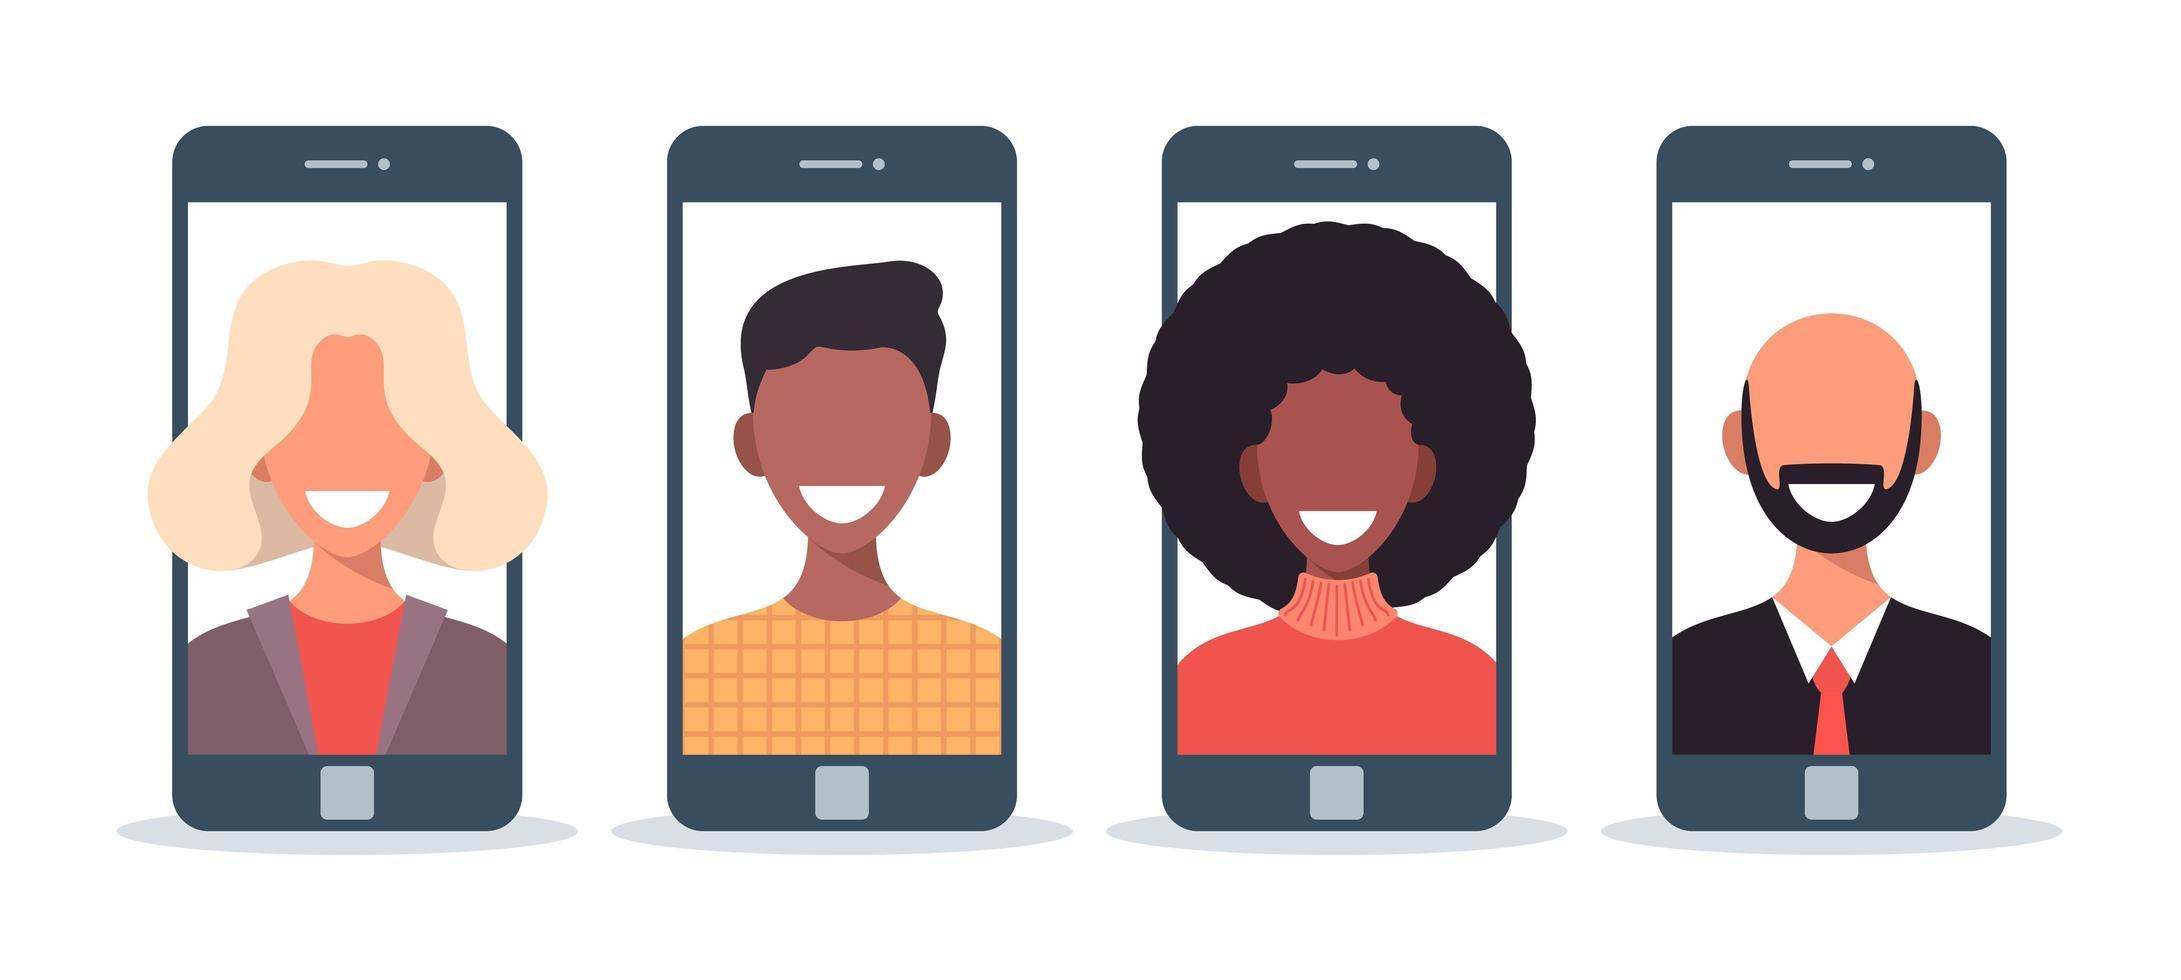 amis discutant illustration vectorielle plane en ligne. parents utilisant des smartphones, des téléphones portables pour la vidéoconférence, passer des appels. garçons, filles sur l'écran du téléphone, affichage. application de communication mobile vecteur